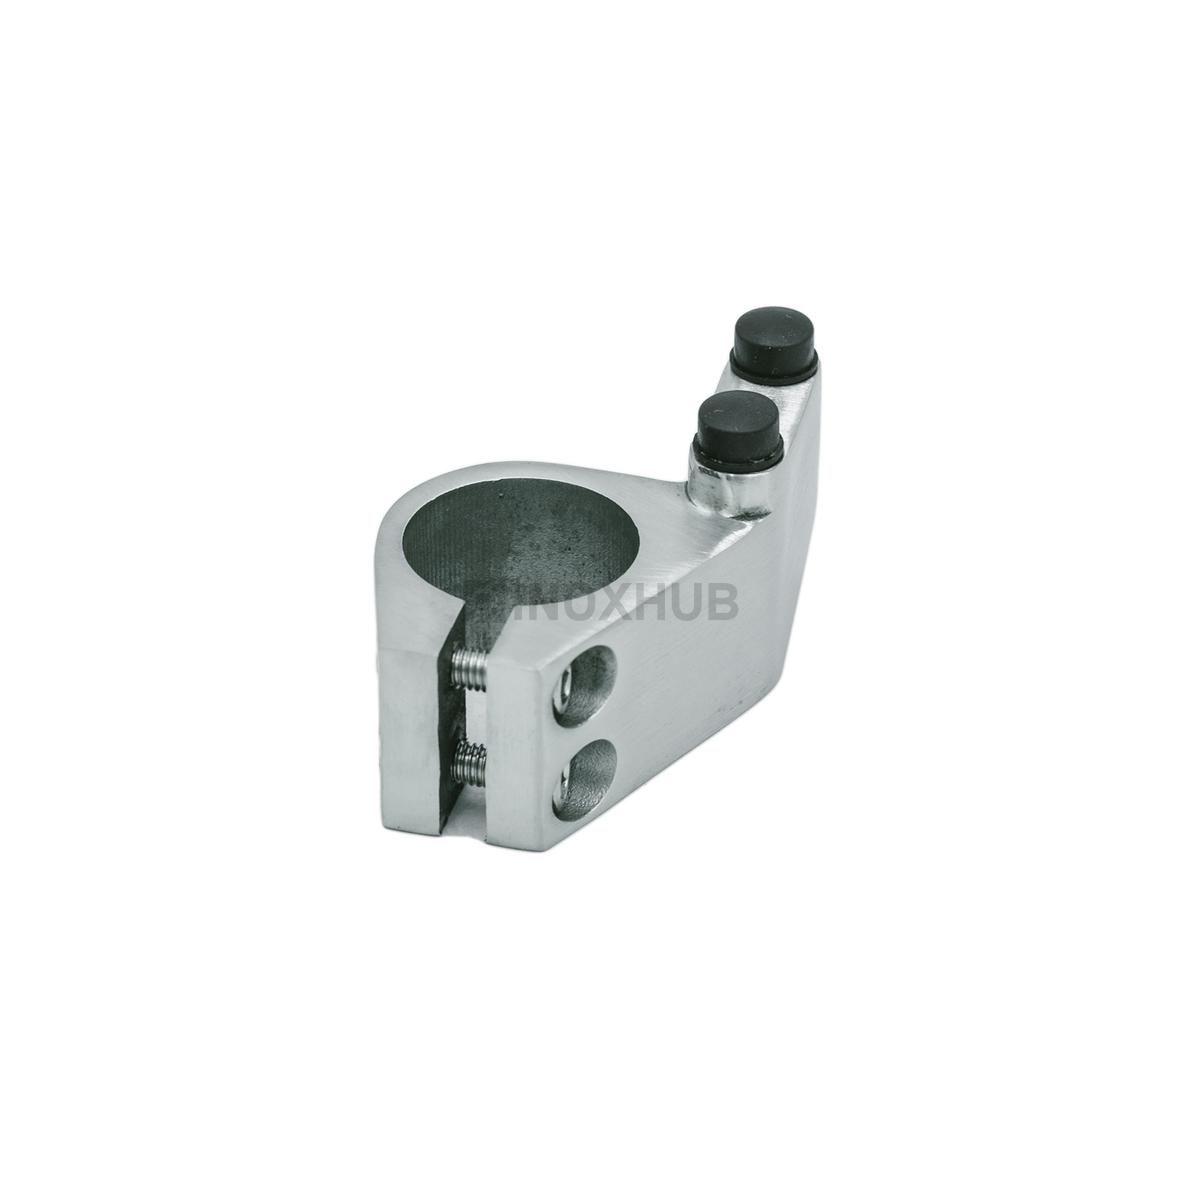 Комплект 2 шт стопоров (840 R+840 L SSS) левый+правый, трек Ø25 мм, нерж. сталь шлиф